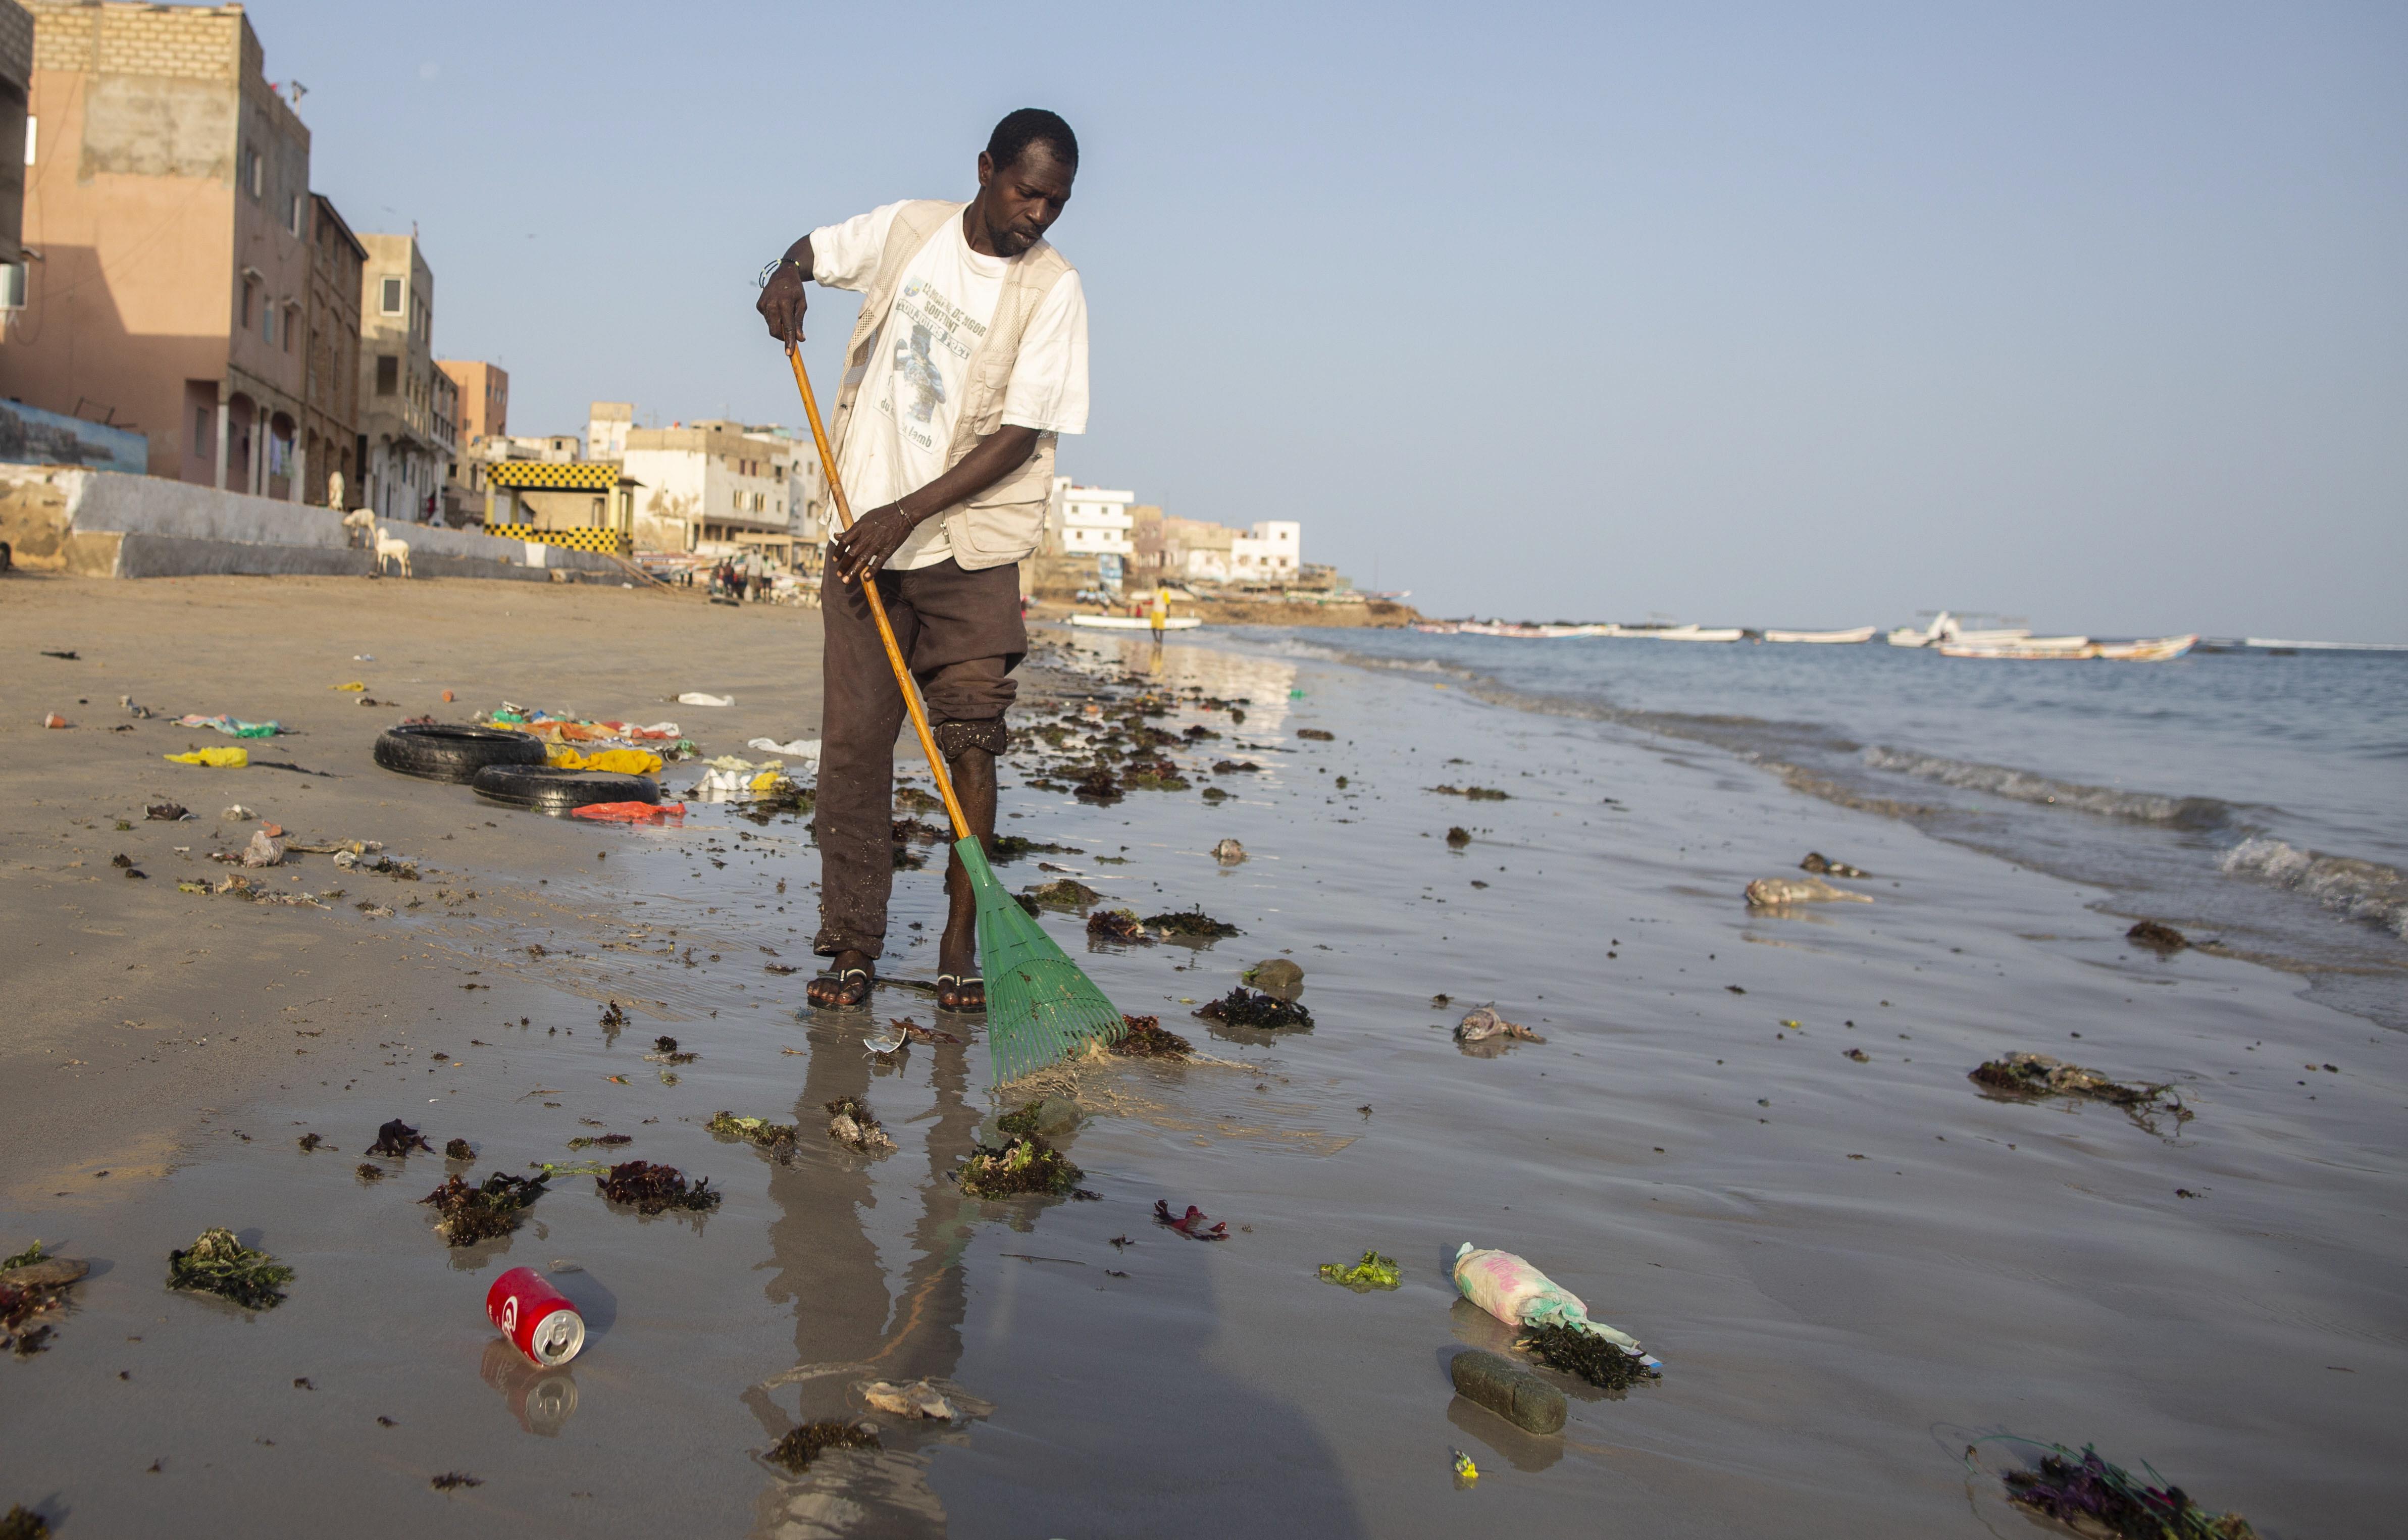 Se todos prestarem contas, problema dos plásticos resolve-se numa geração